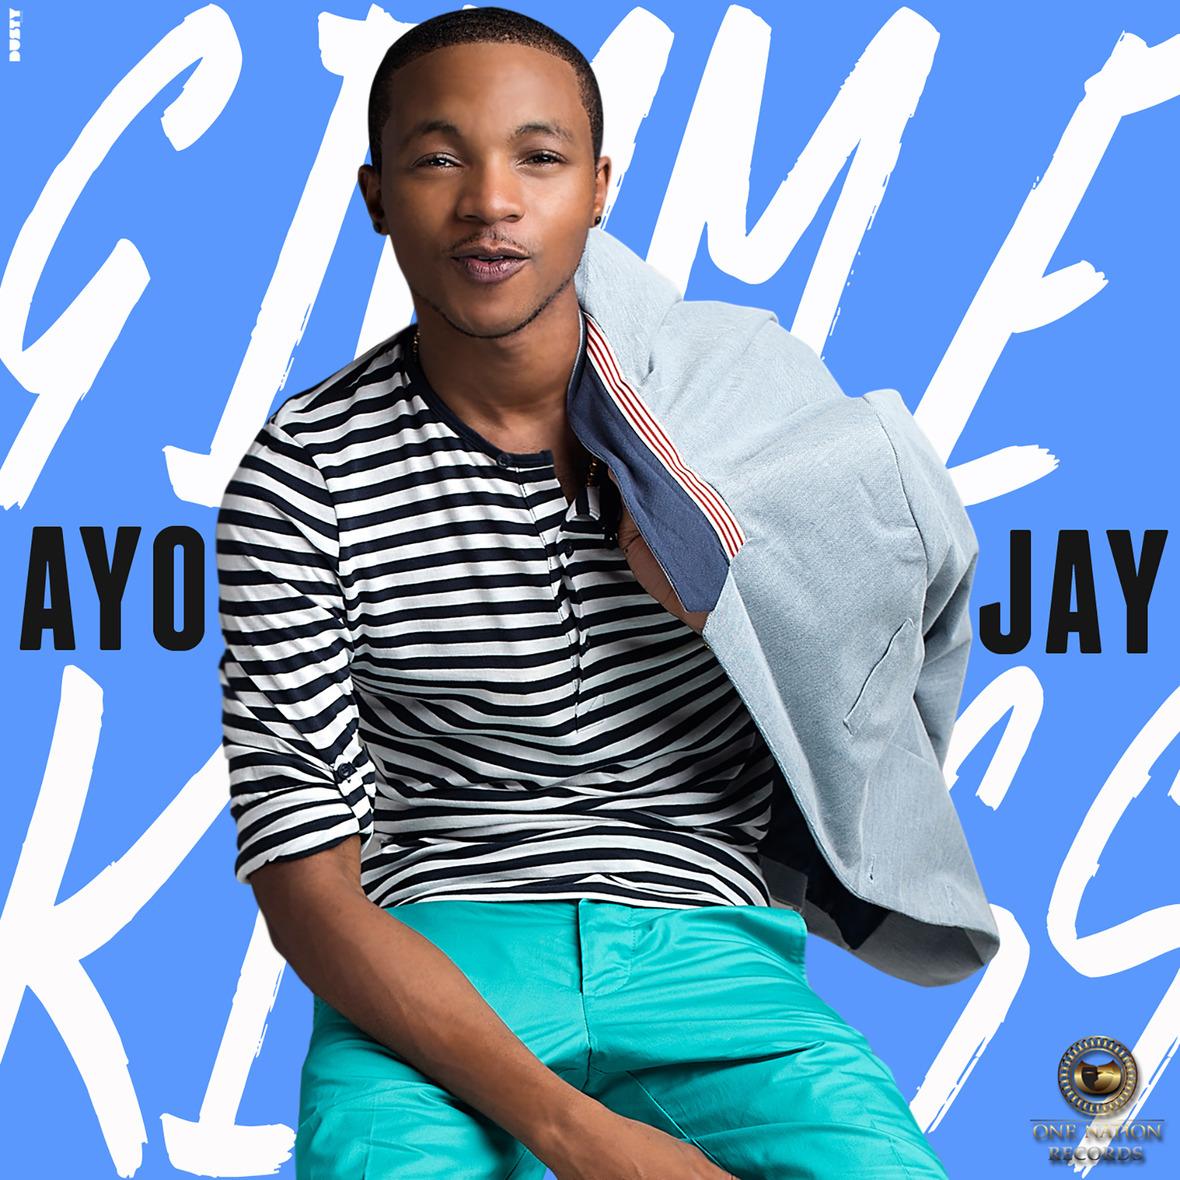 Ayo Jay - Gimme Kiss-ART